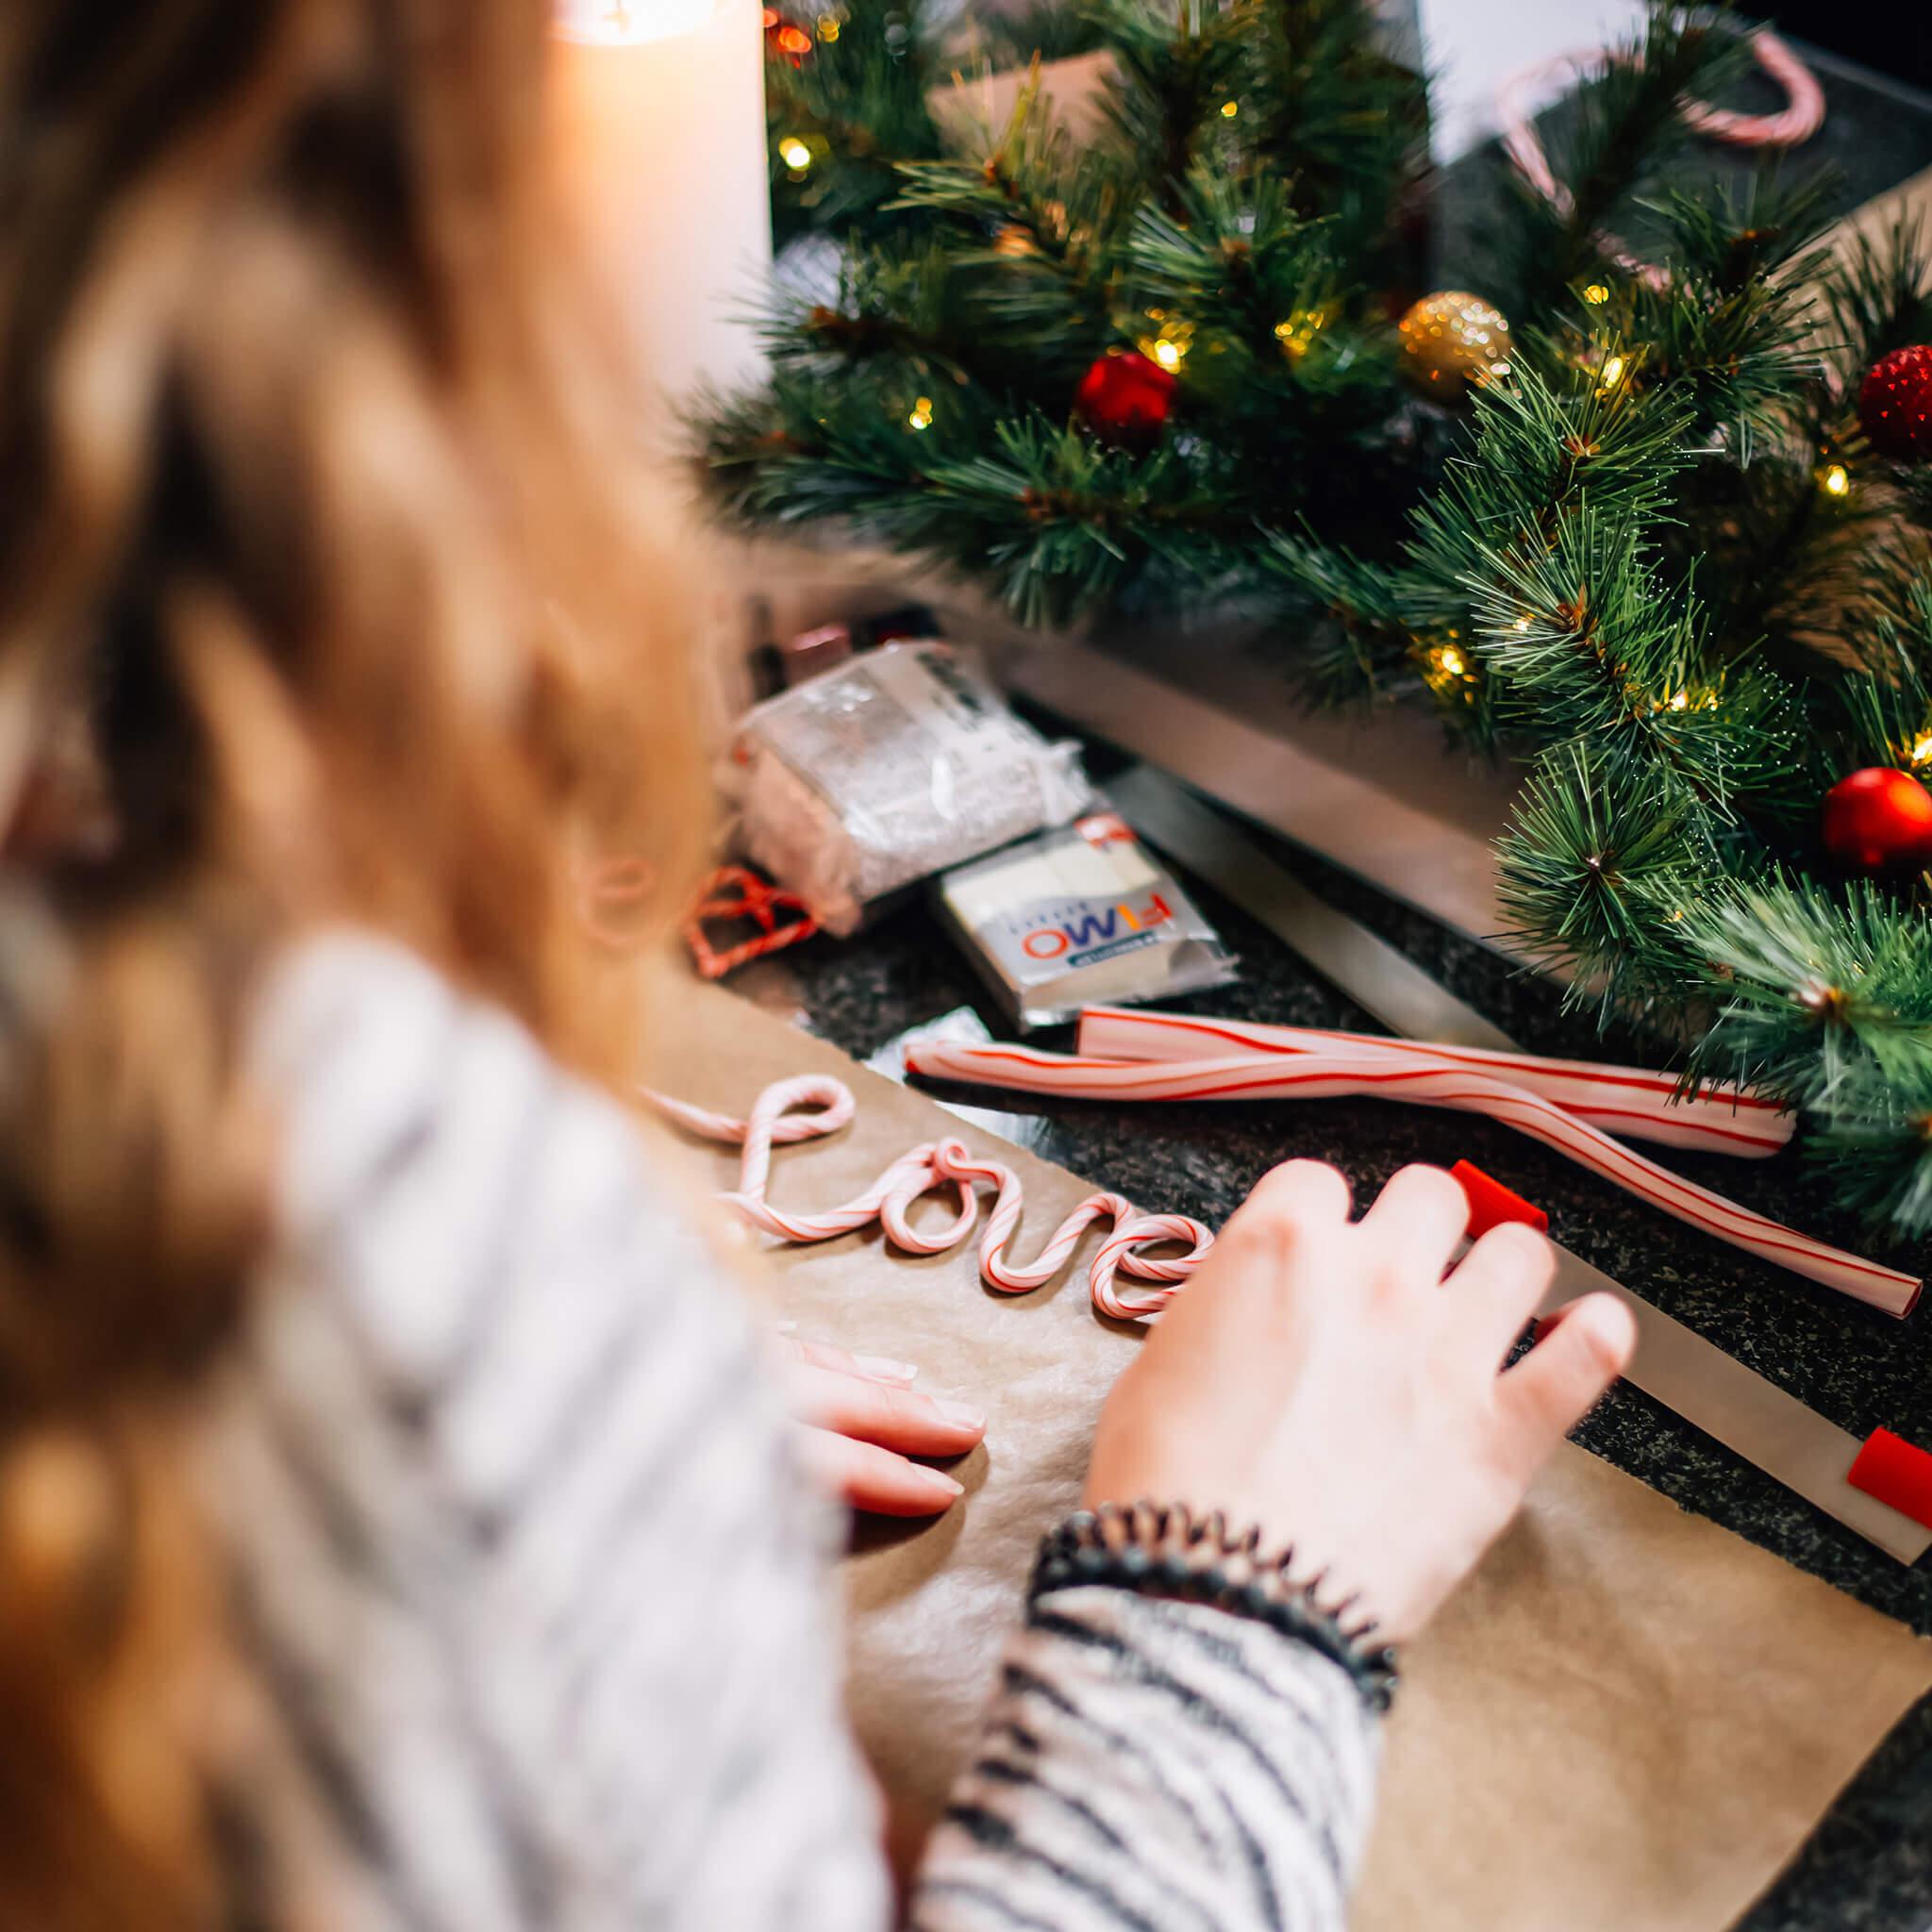 Kerstdecoratie maken met FIMO klei | Maak leuke kerstdecoratie van FIMO klei zoals deze candy cane tekst